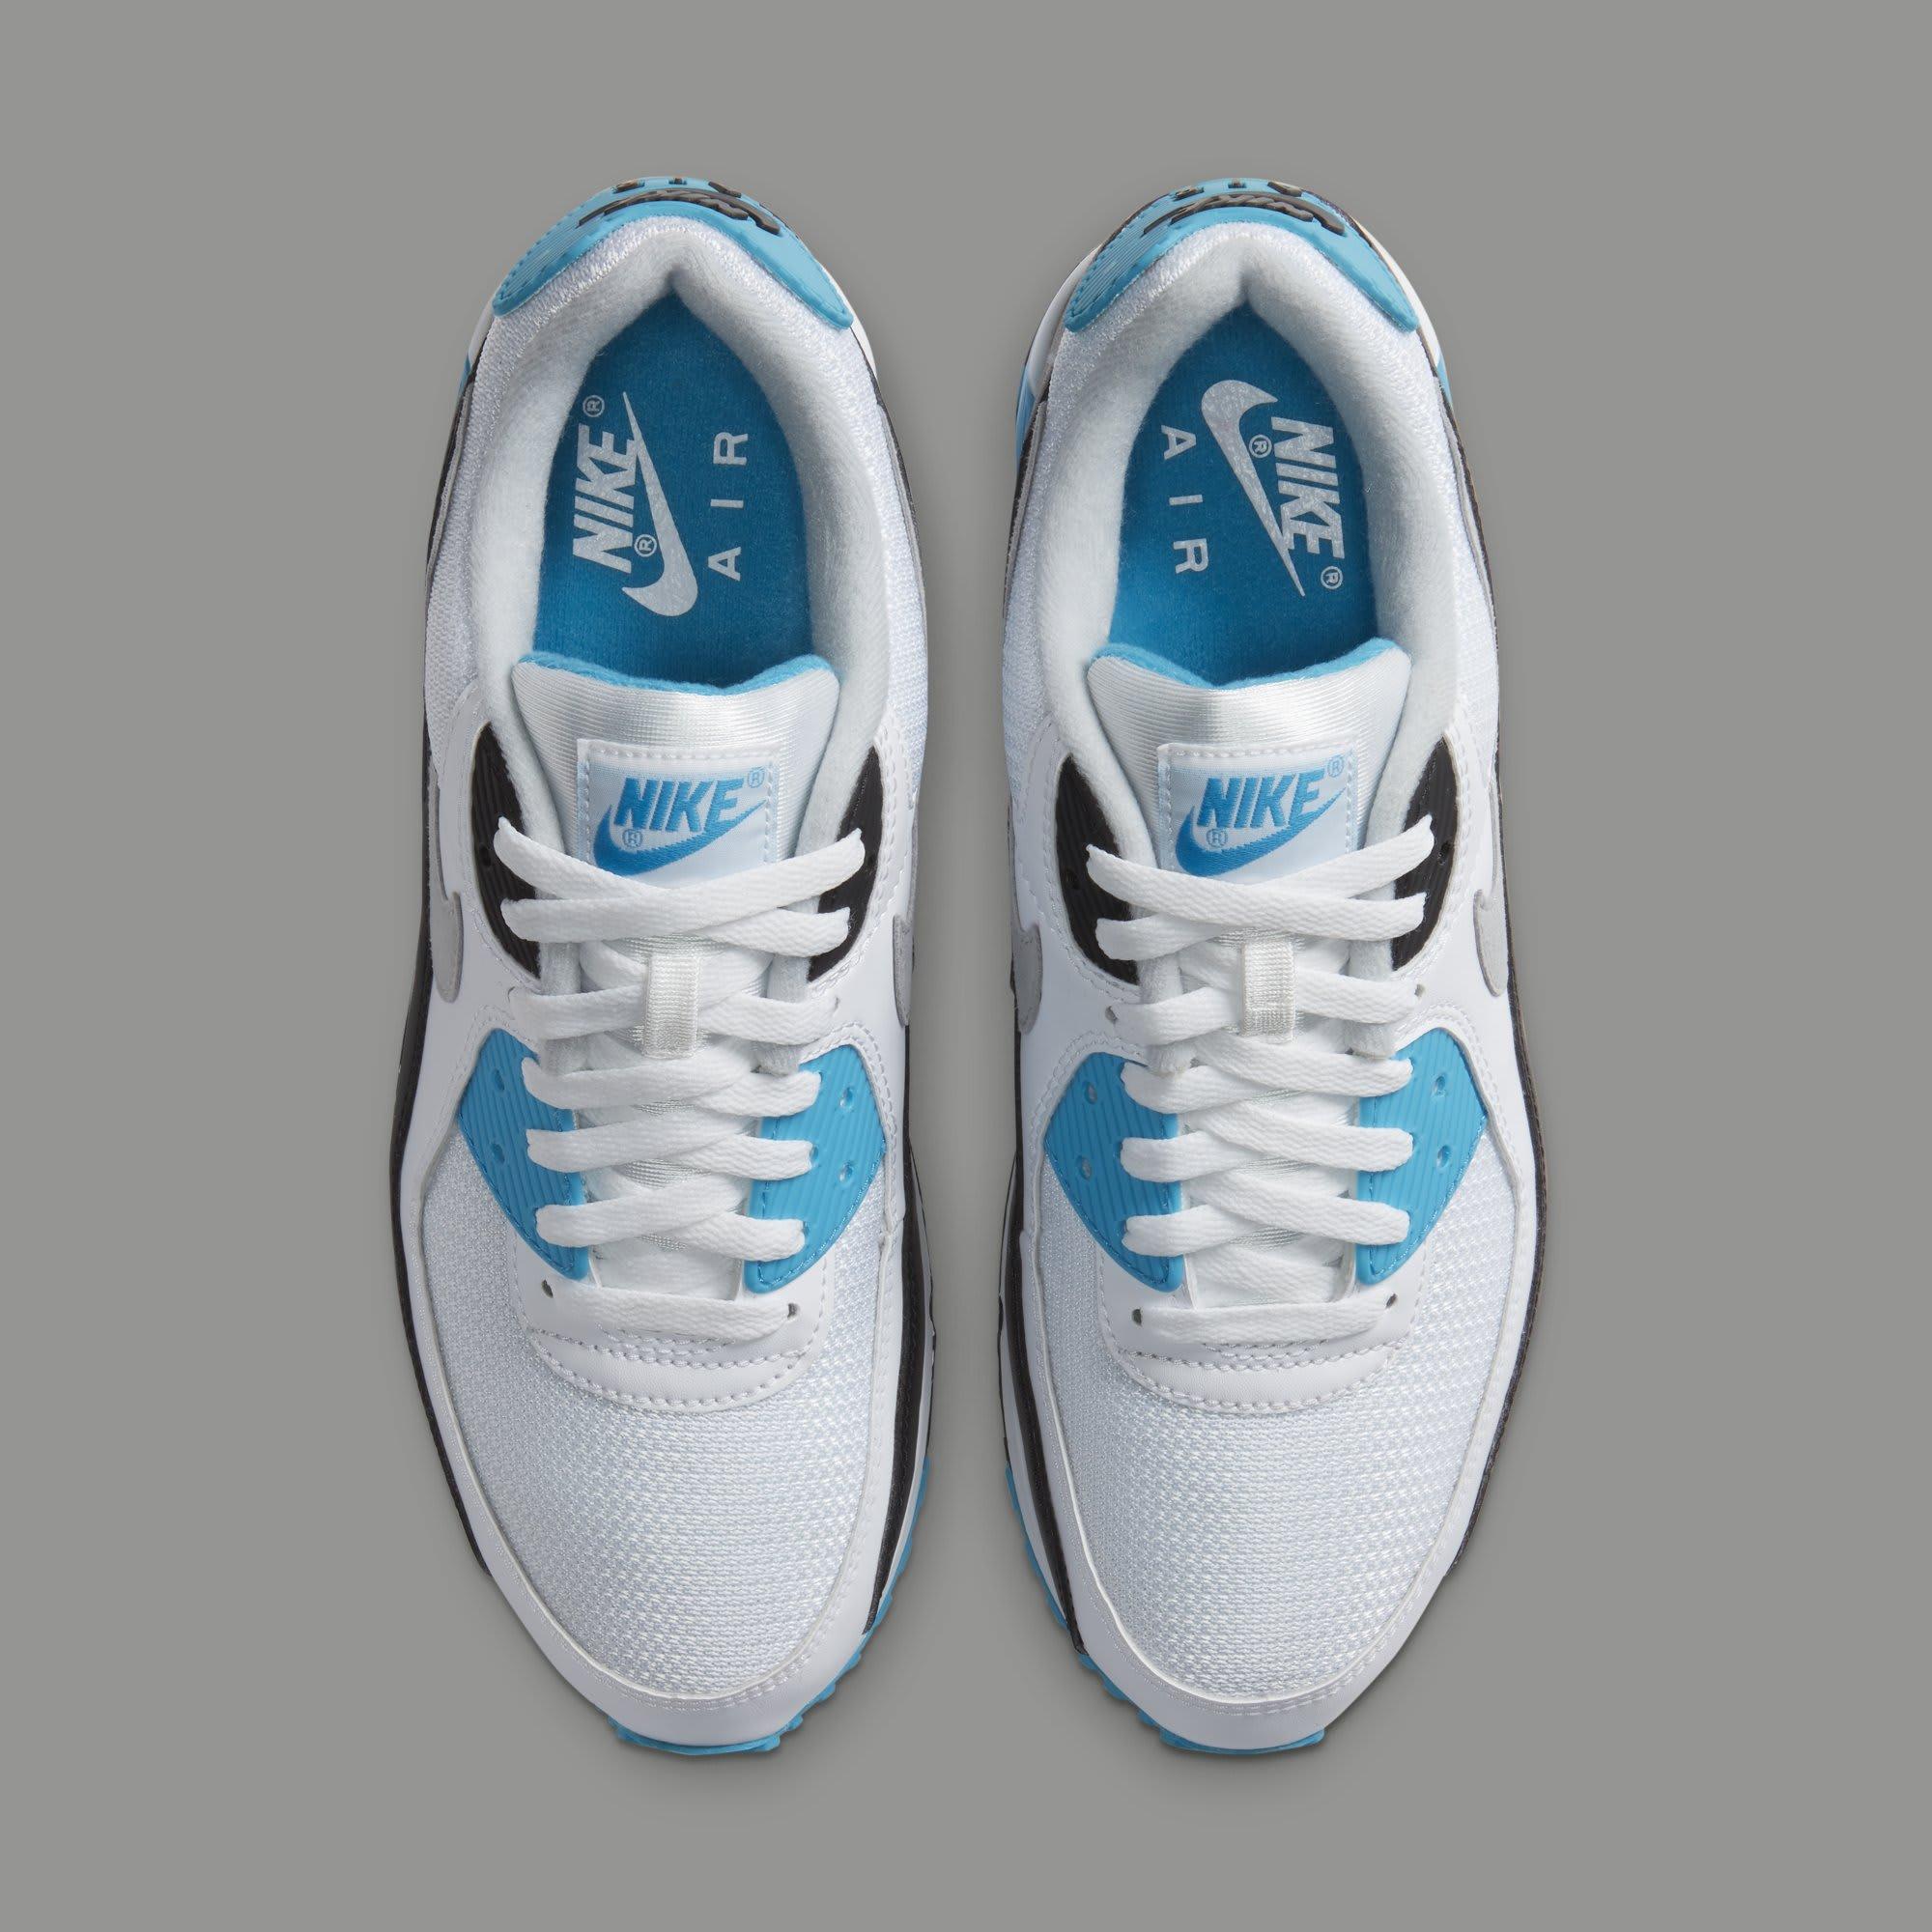 Nike Air Max 90 'Laser Blue' CJ6779-100 Top